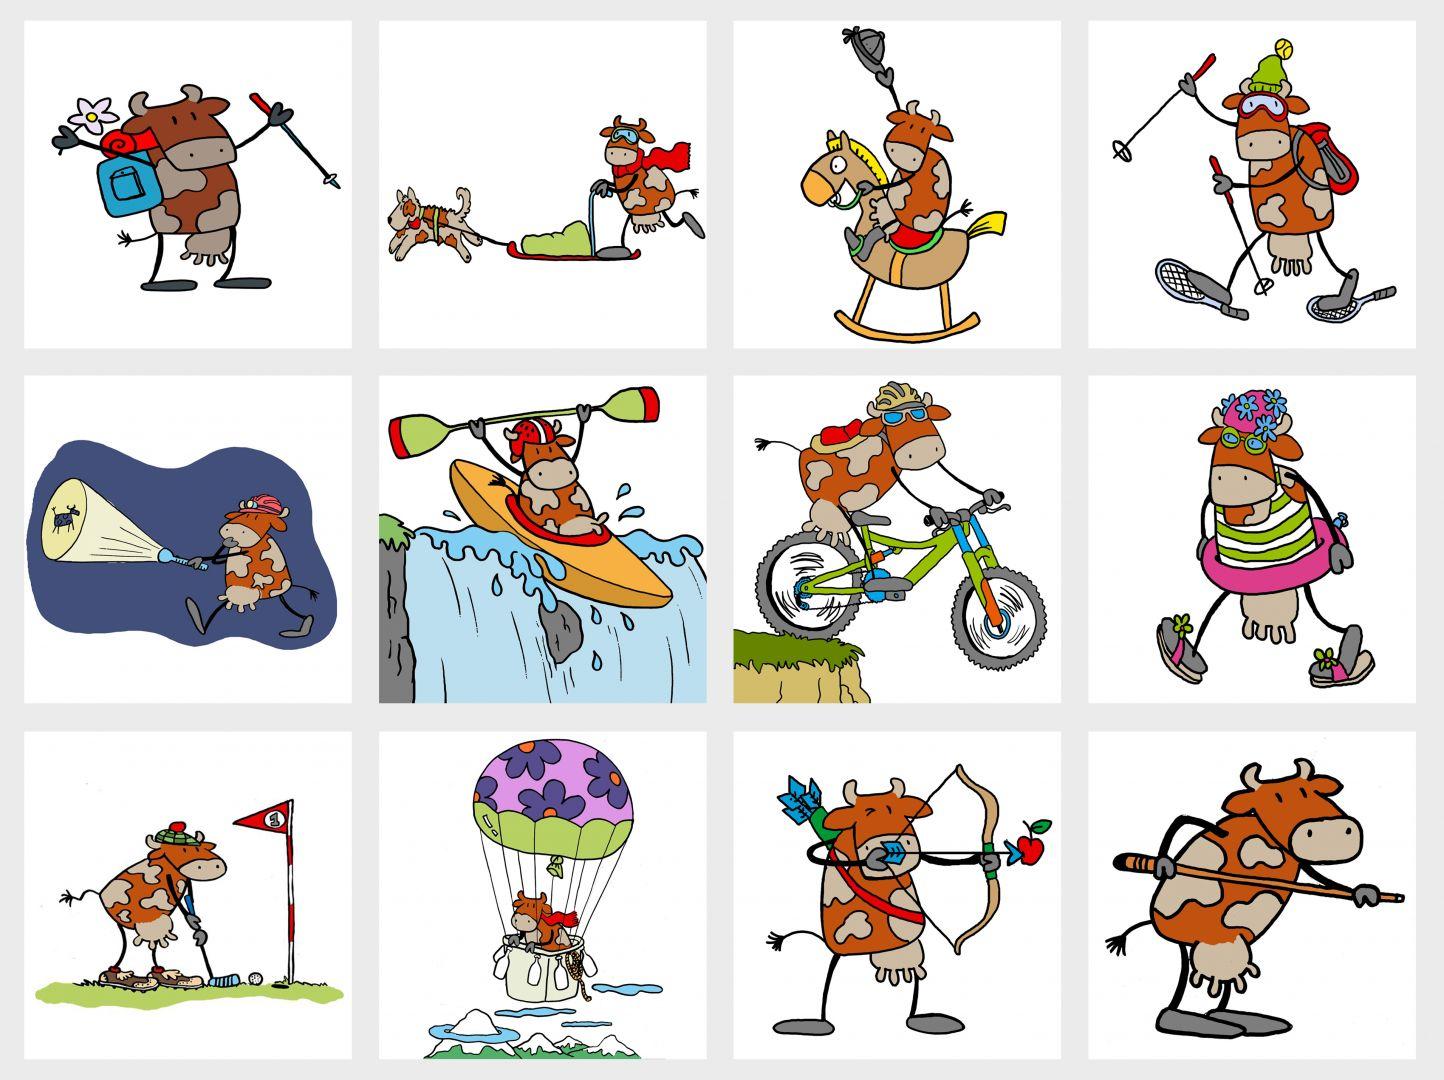 Senderisme, trineu tirat per gossos, oci infantil, esquí de muntanya, senderisme nocturn, piragüisme, bicicleta de muntanya, natació, golf, viatge en globus aerostàtic, tir amb arc, billar.